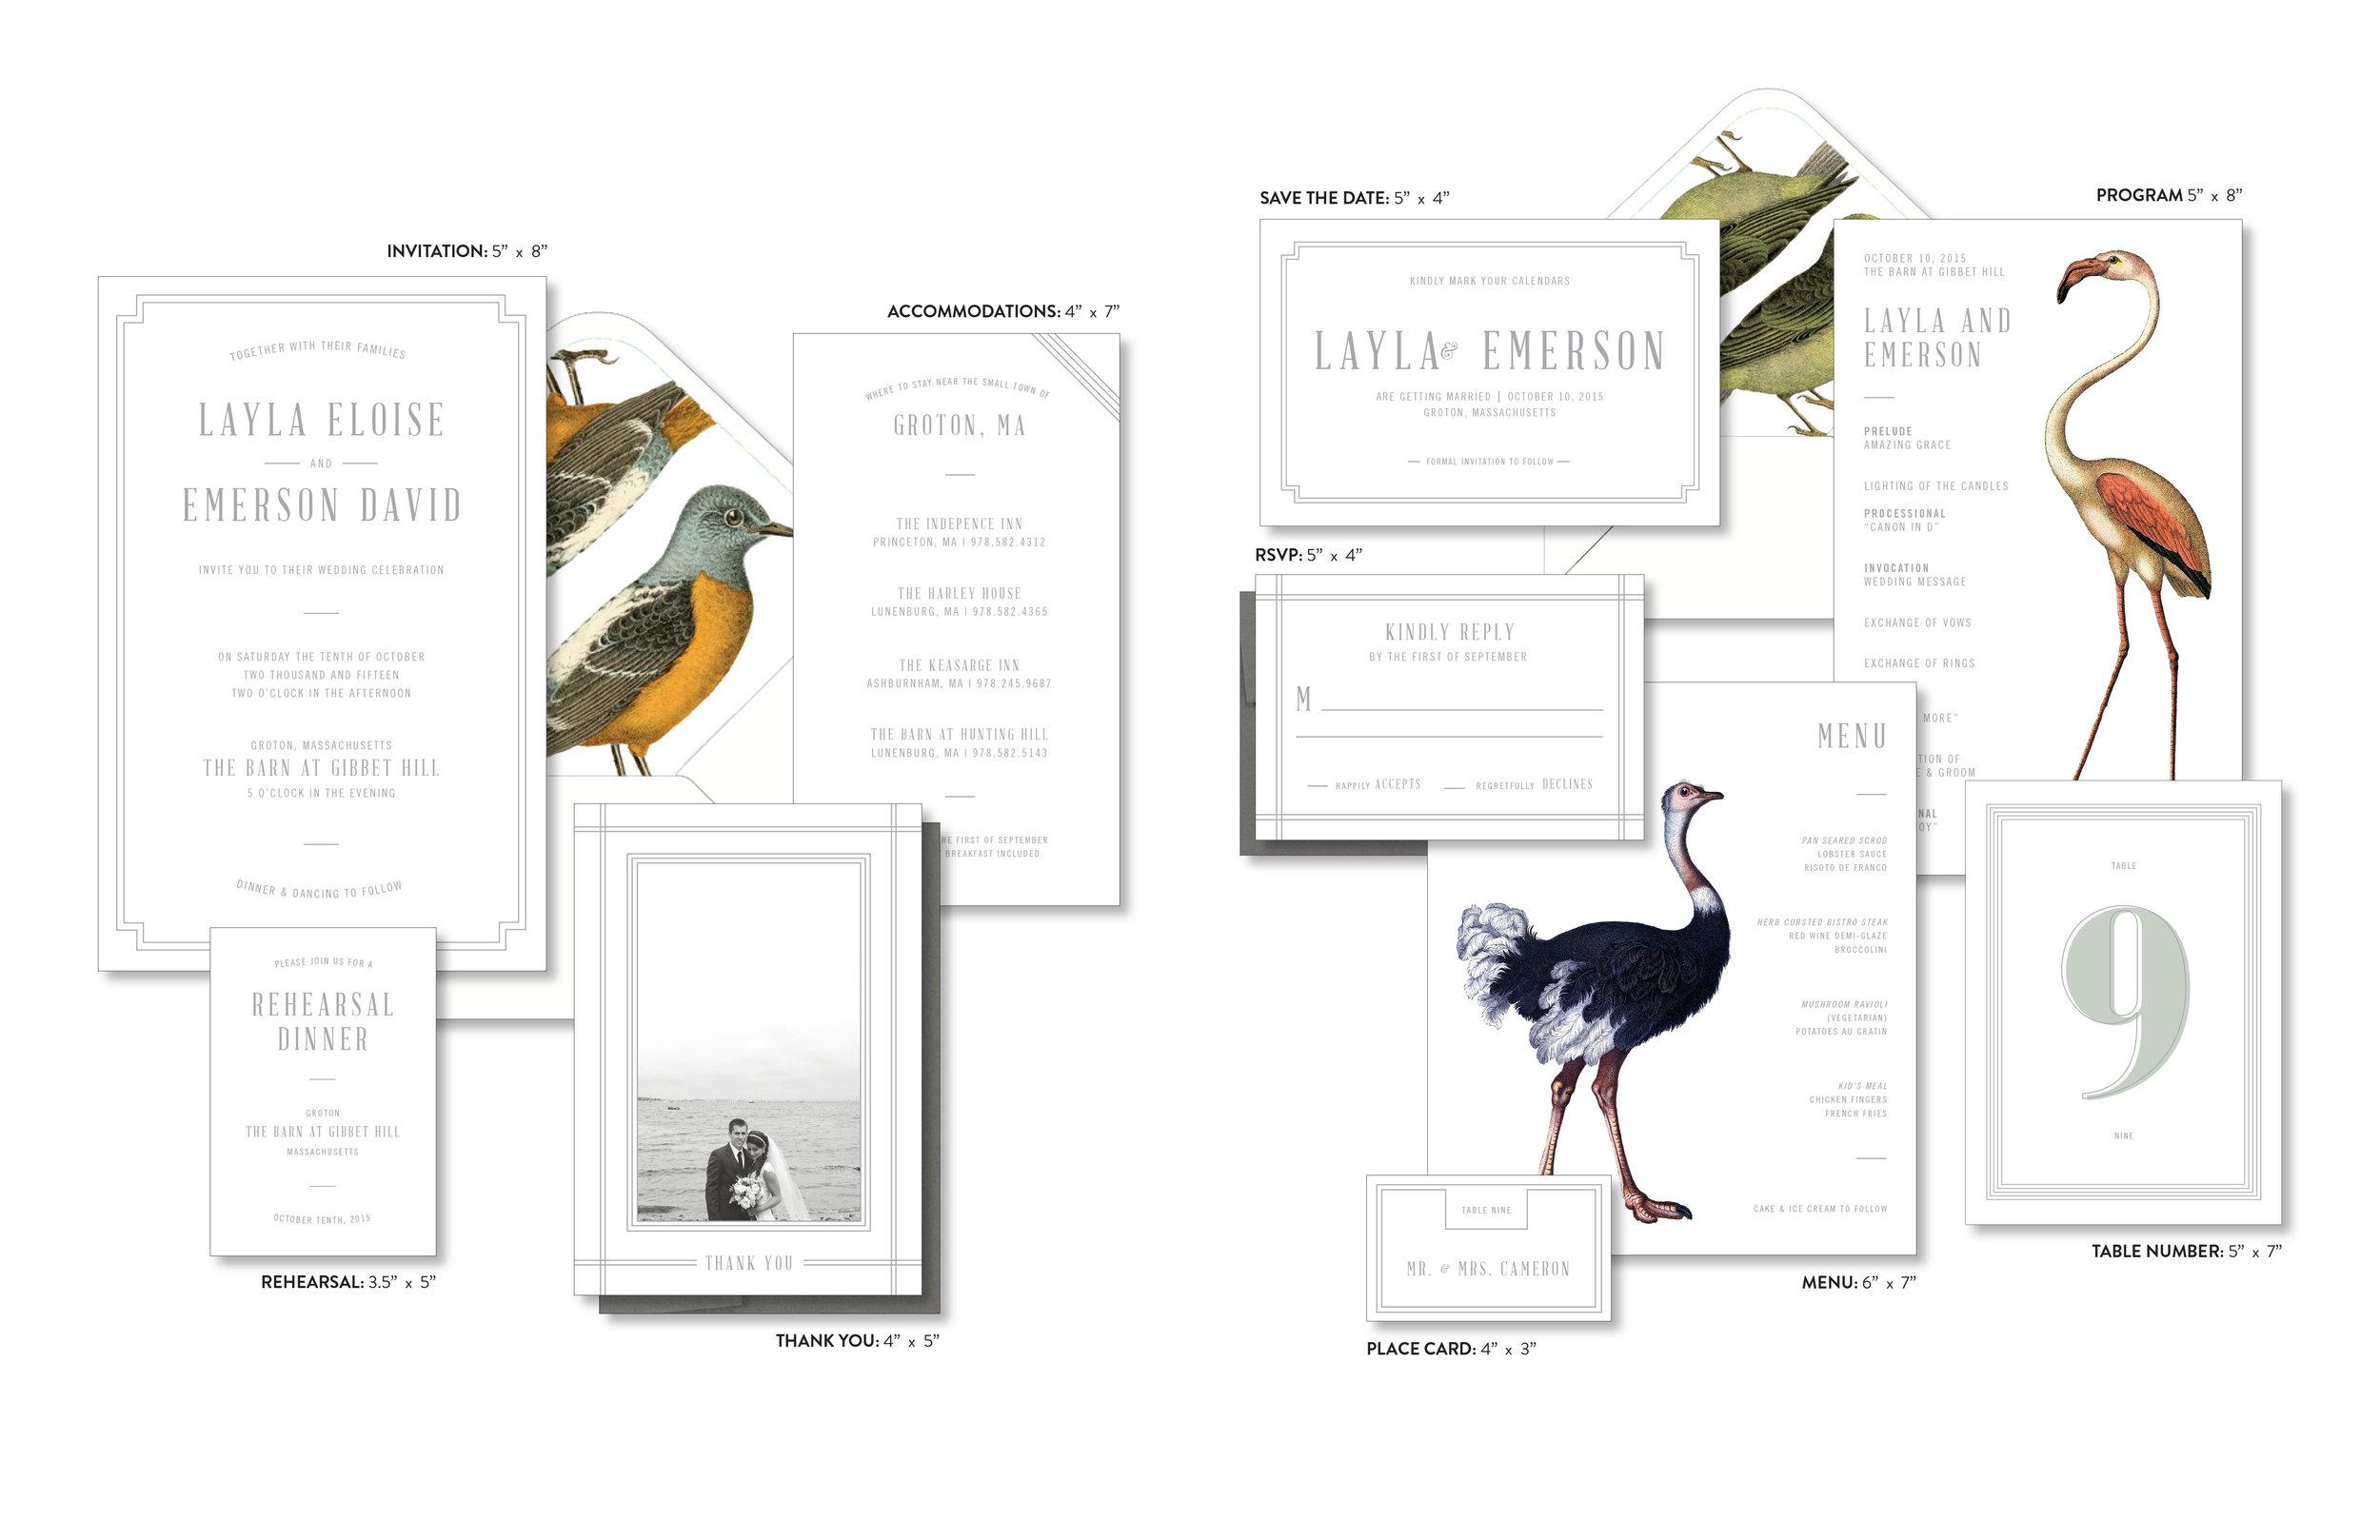 collection-audubon.jpg